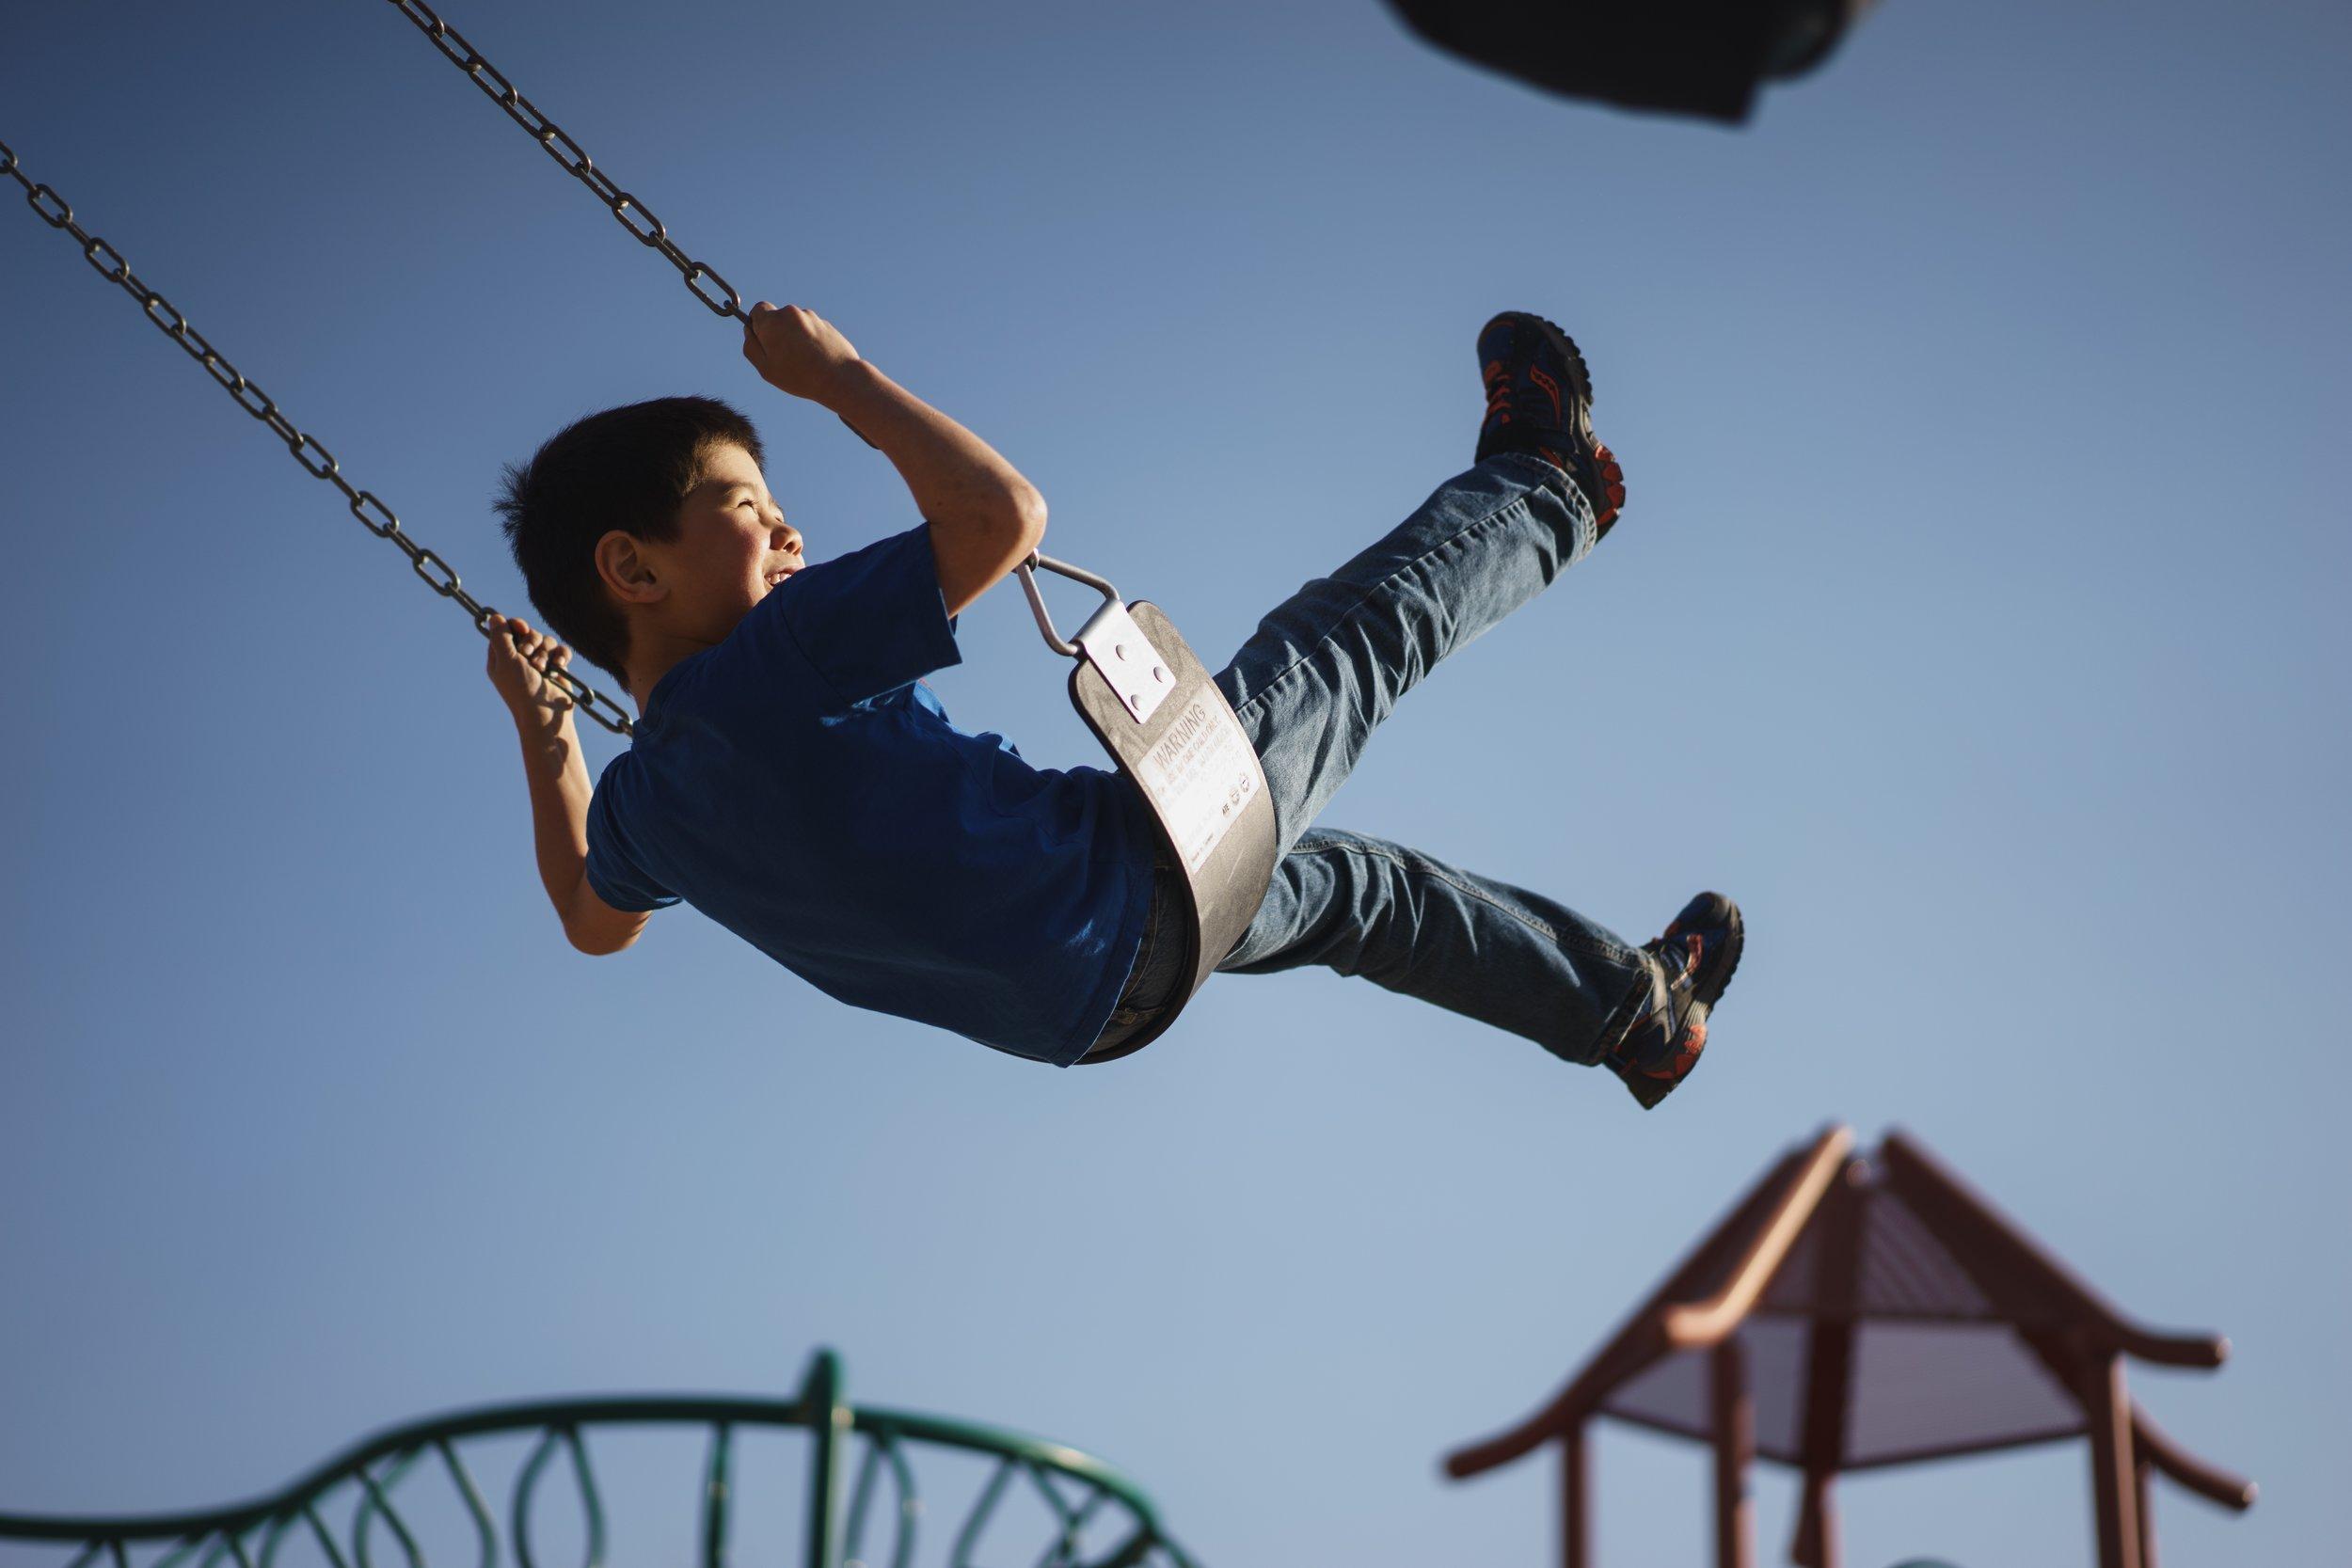 swing.jpeg